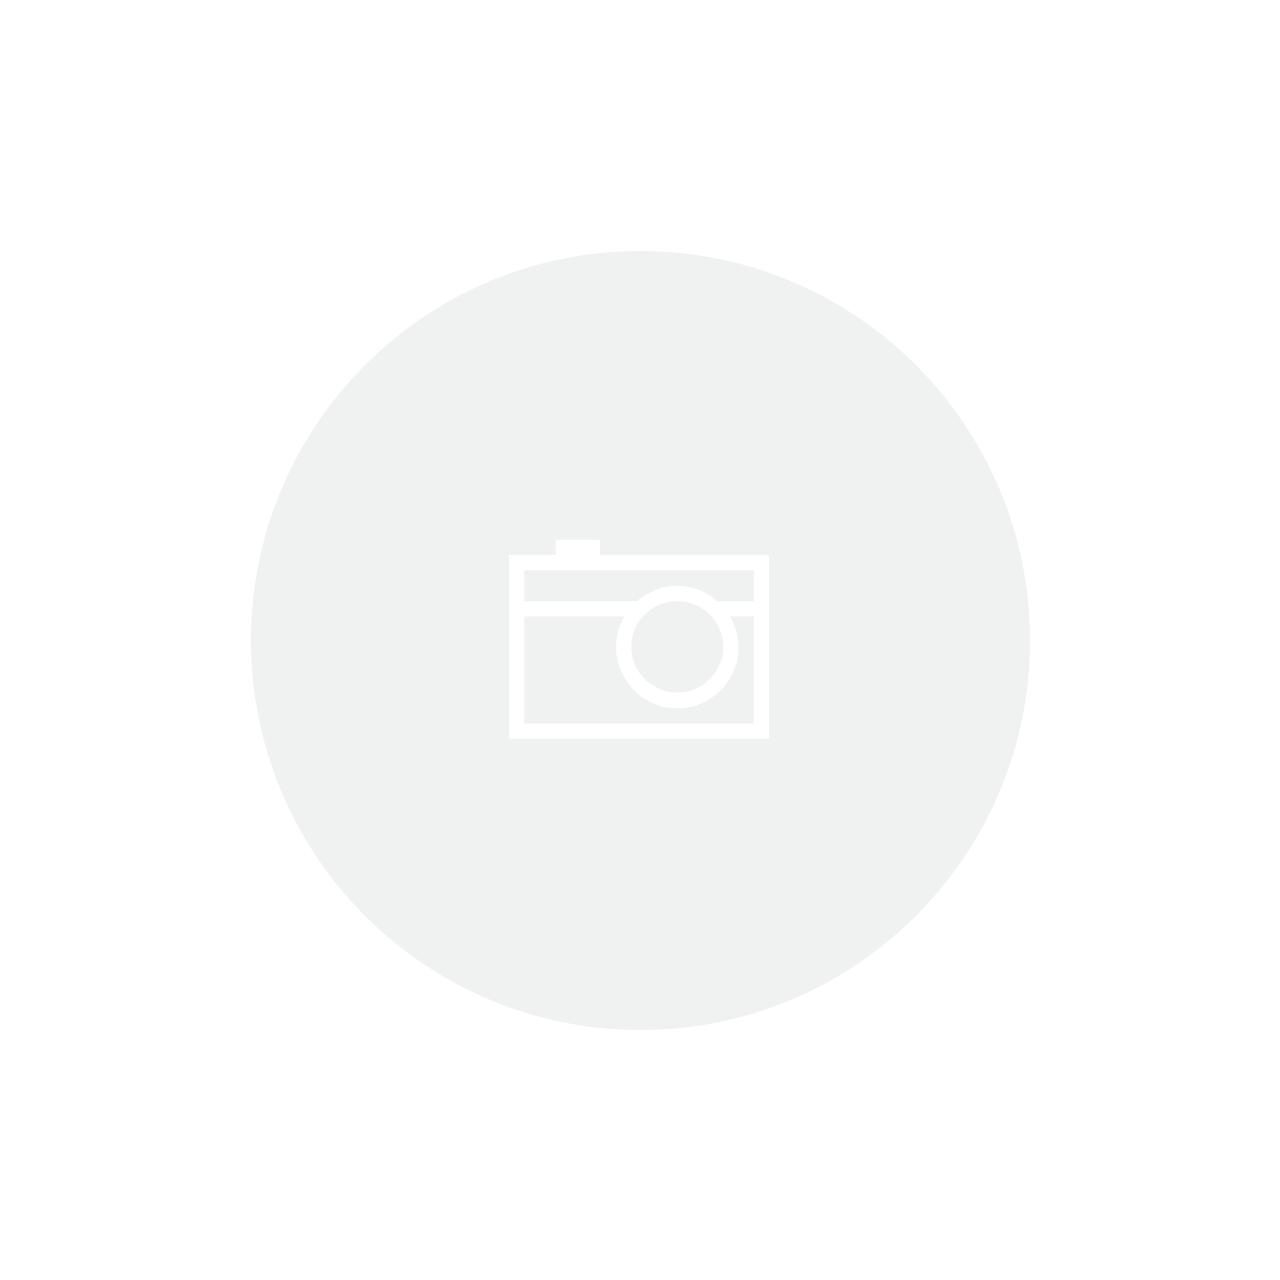 Casaqueto de Couro Vazado com Tressê - Liziane Richter